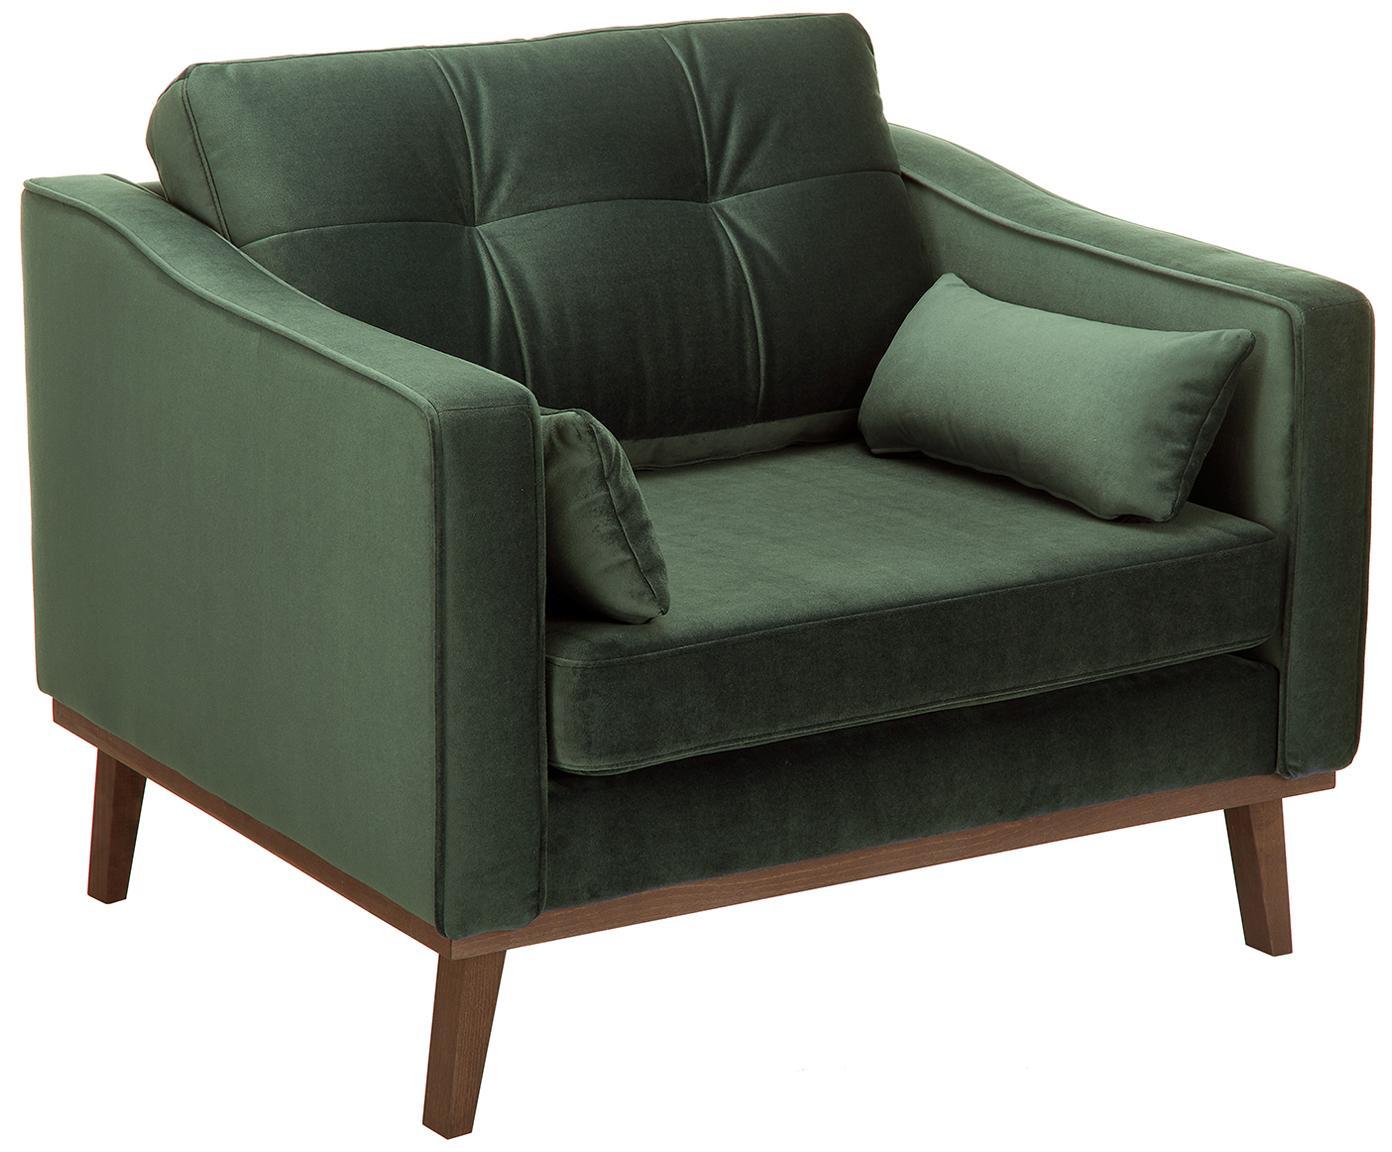 Klassieke fluwelen fauteuil Alva in olijfgroen, Bekleding: fluweel (hoogwaardig poly, Frame: massief grenenhout, Poten: massief gebeitst beukenho, Olijfgroen, B 102 x D 92 cm